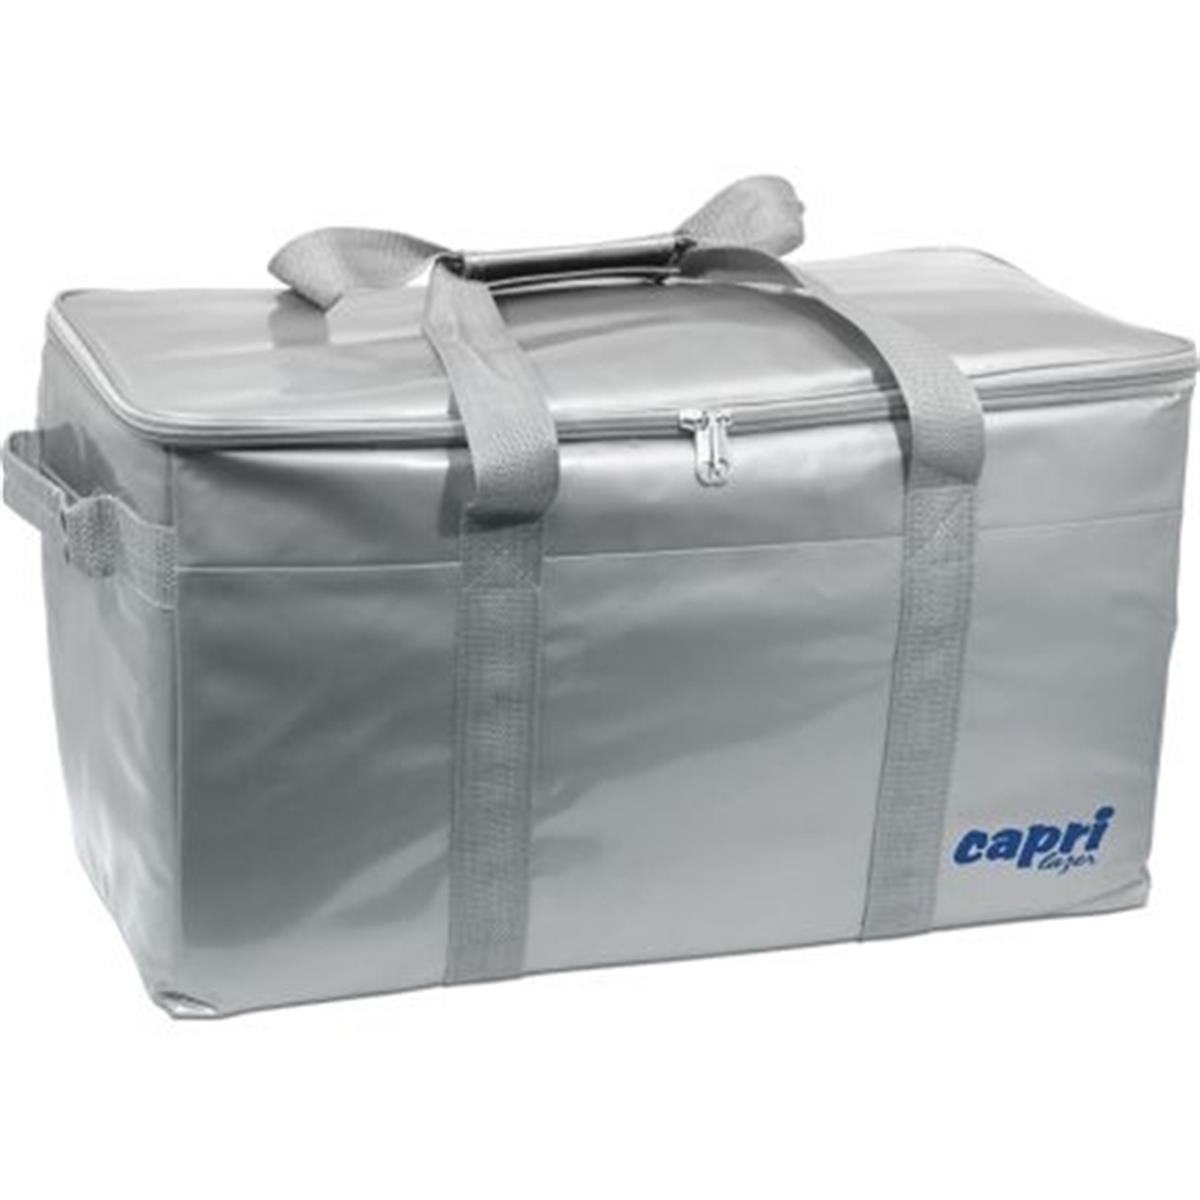 Bolsa Térmica Cooler Em Pvc 35 Litros 69110000 Capri